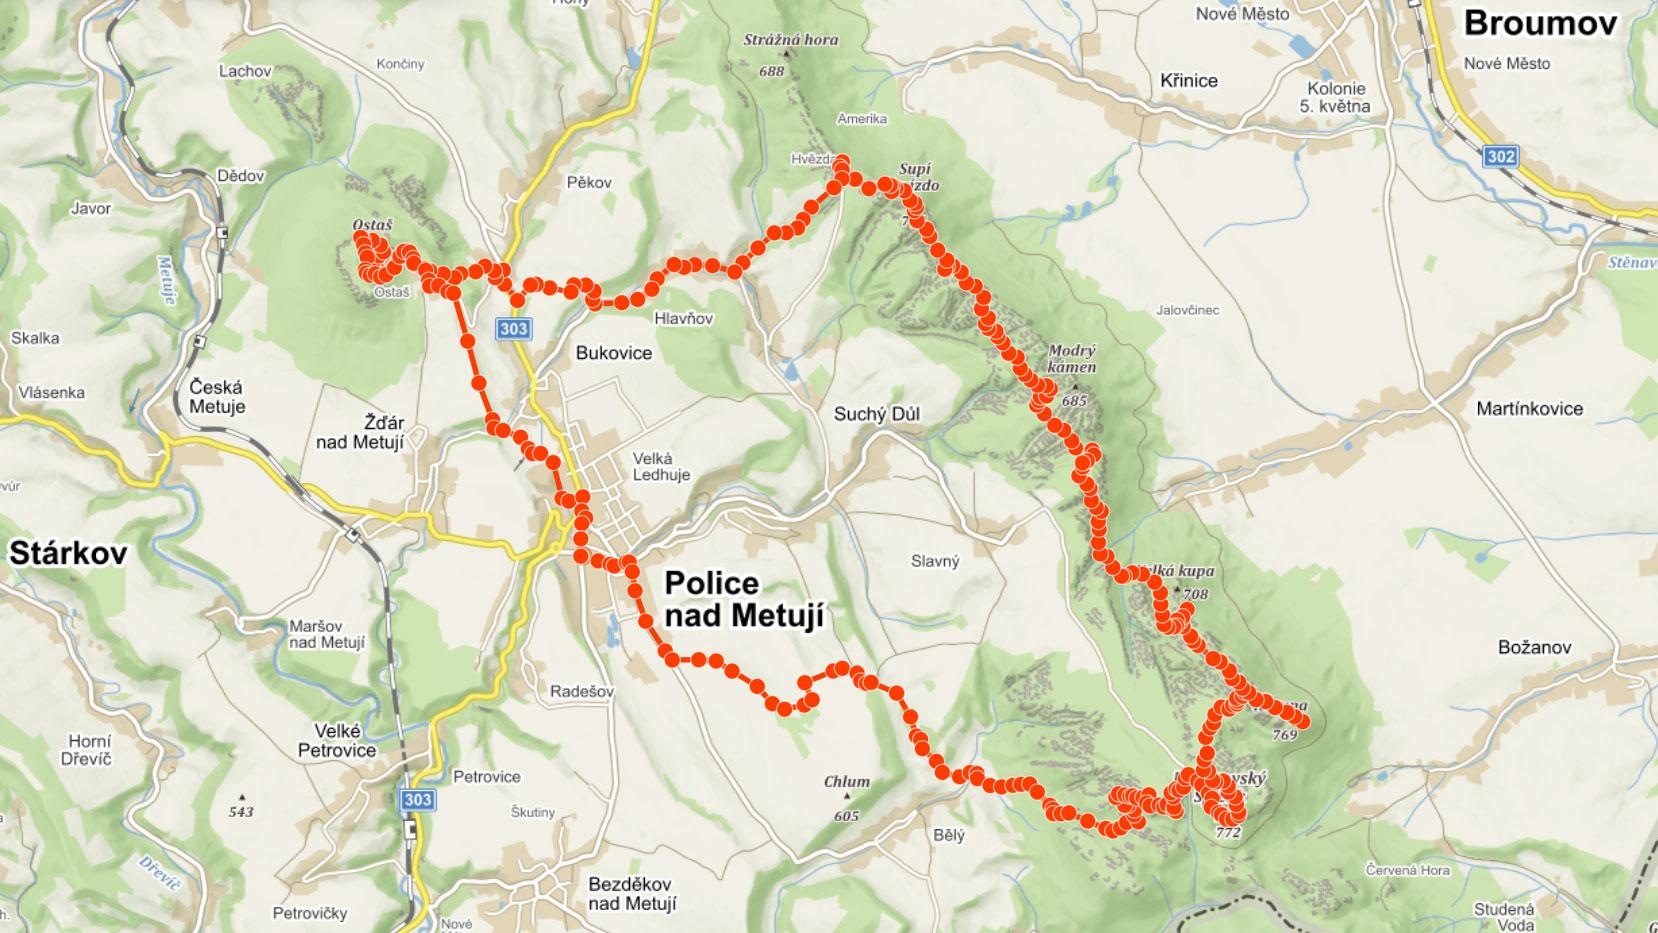 Popisovaný výlet přes Broumovské stěny a skalní město Ostaš